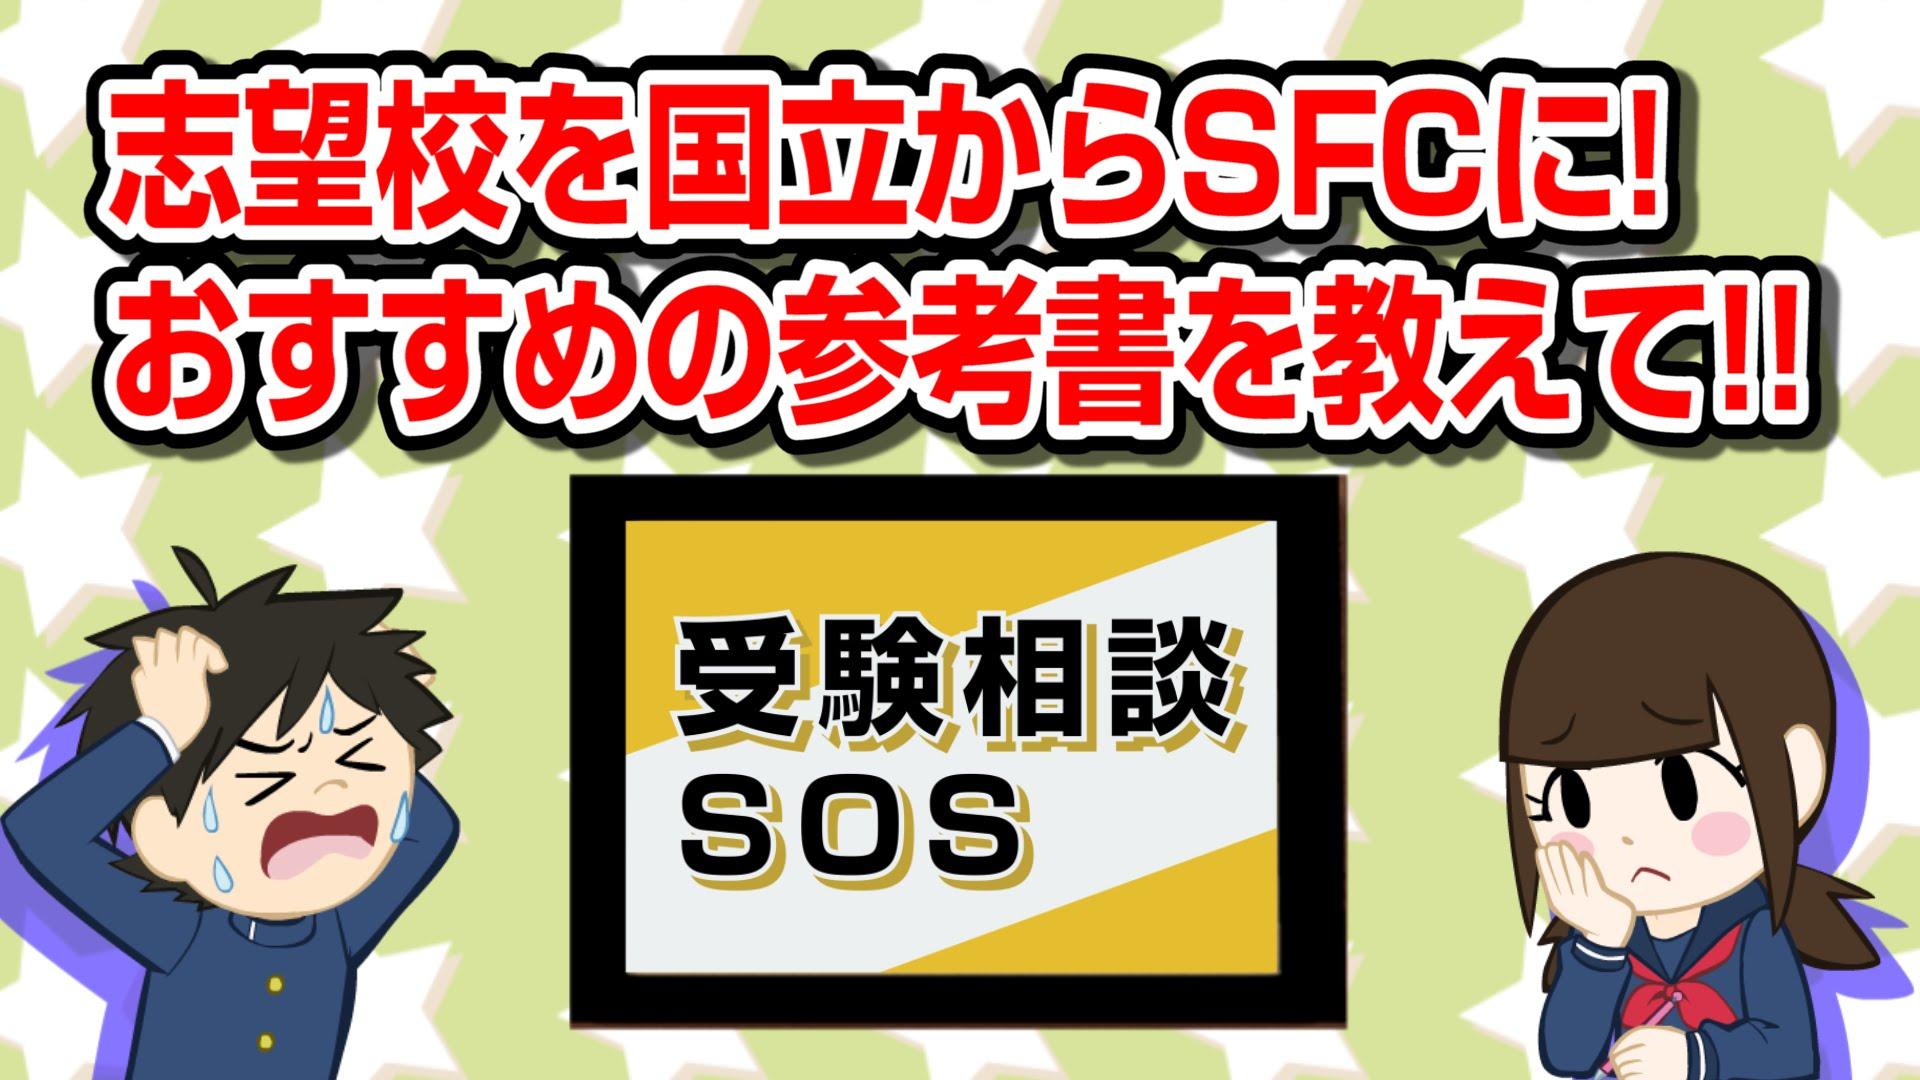 【vol.188】志望校を国立からSFCに! おすすめの参考書を教えて!! |受験相談SOS